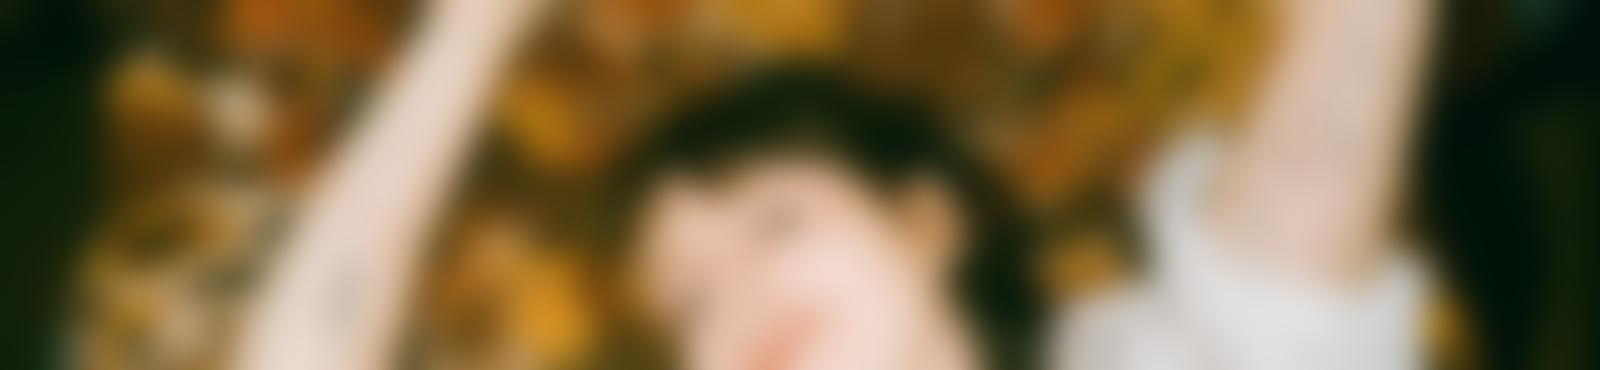 Blurred bda92c37 0421 4a34 a4eb c76da6053ea3